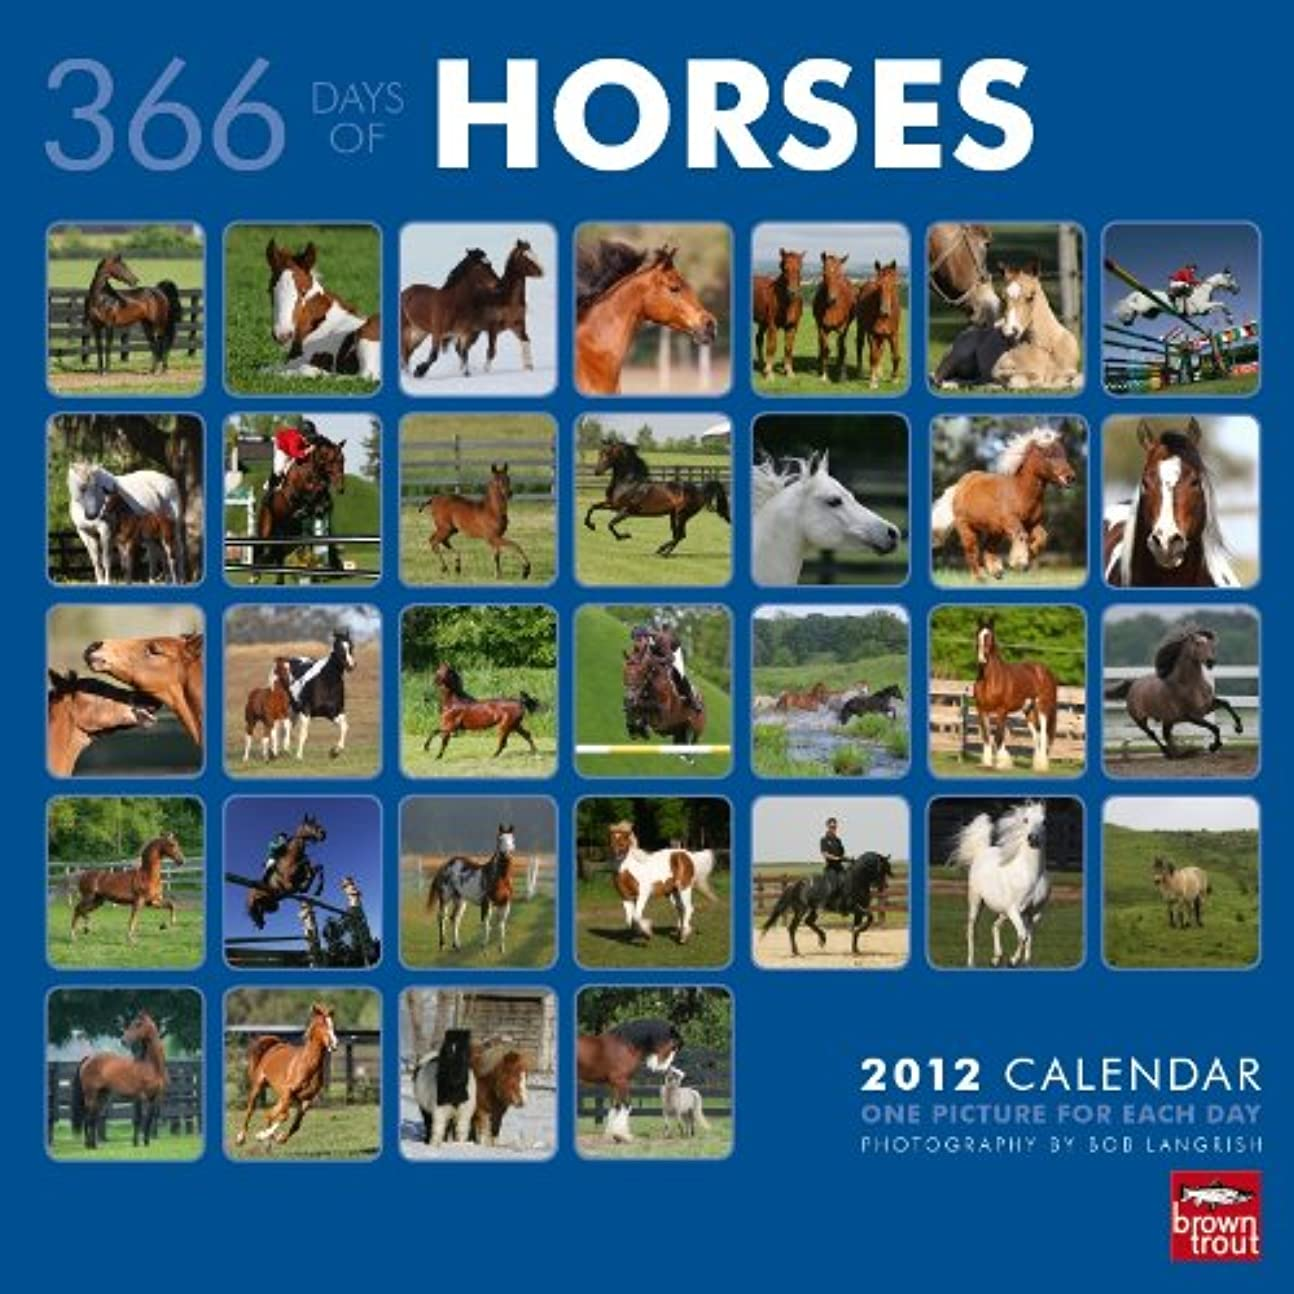 チョーク弱まる唯物論366 Days of Horses 2012 Calendar